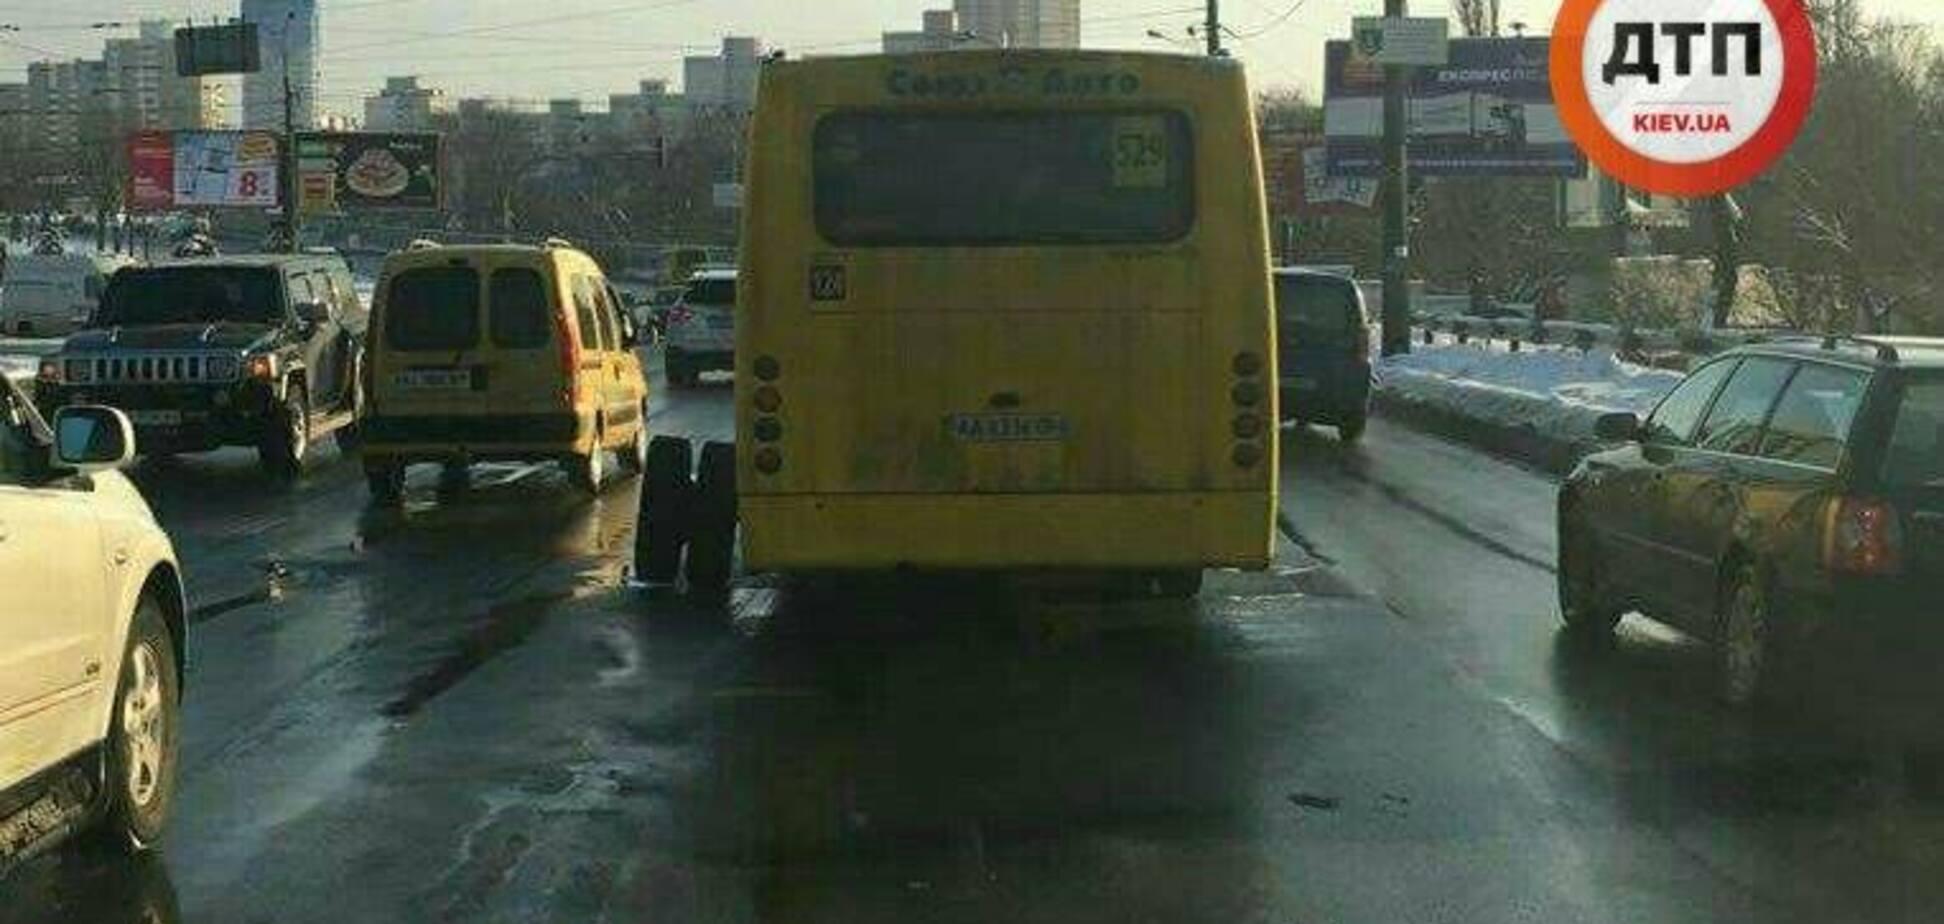 Як у маршруток в Україні злітають колеса на ходу